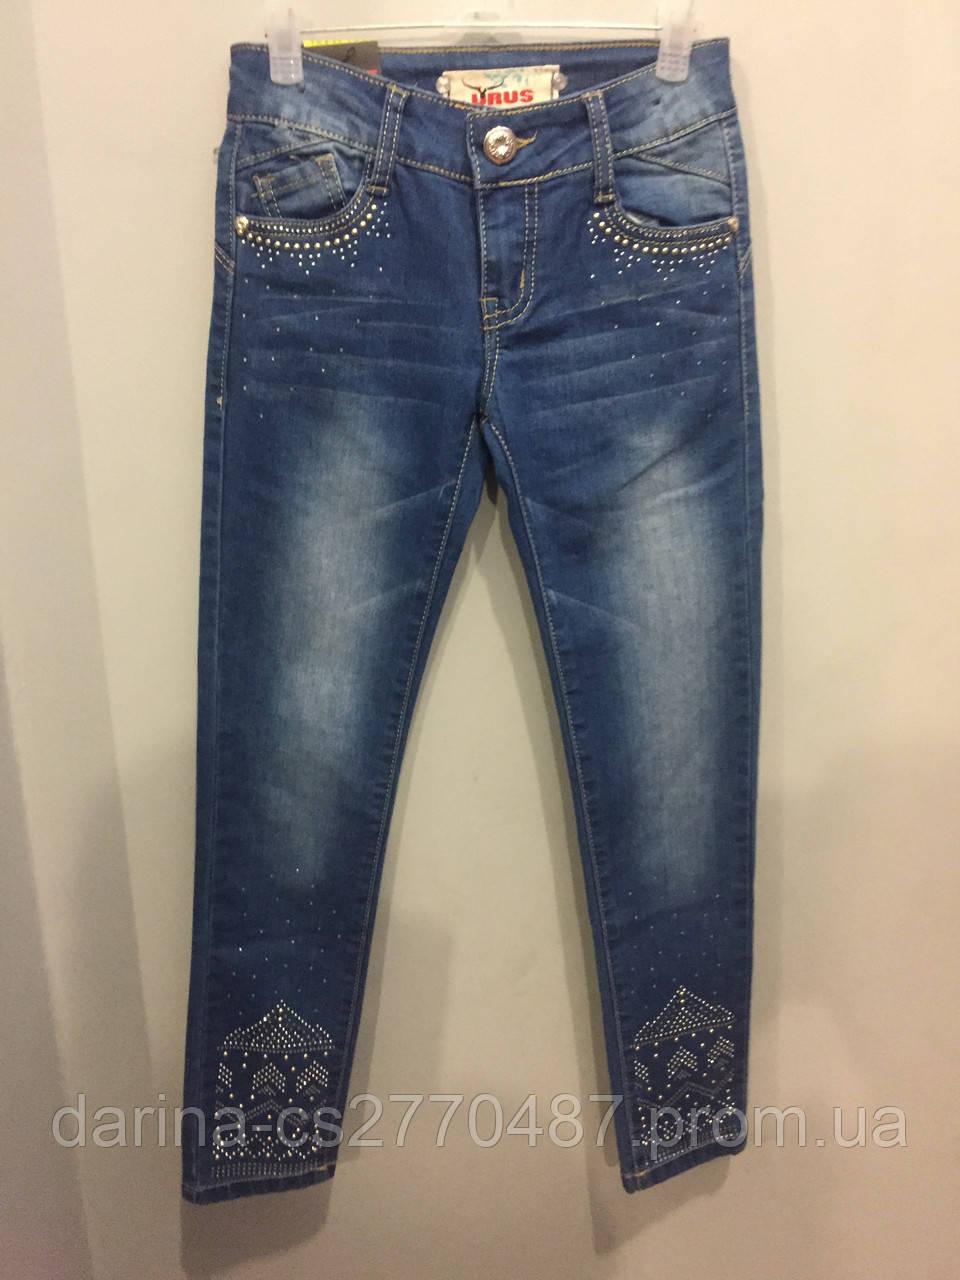 Джинсовые брюки на девочку подростка 140, 164 см